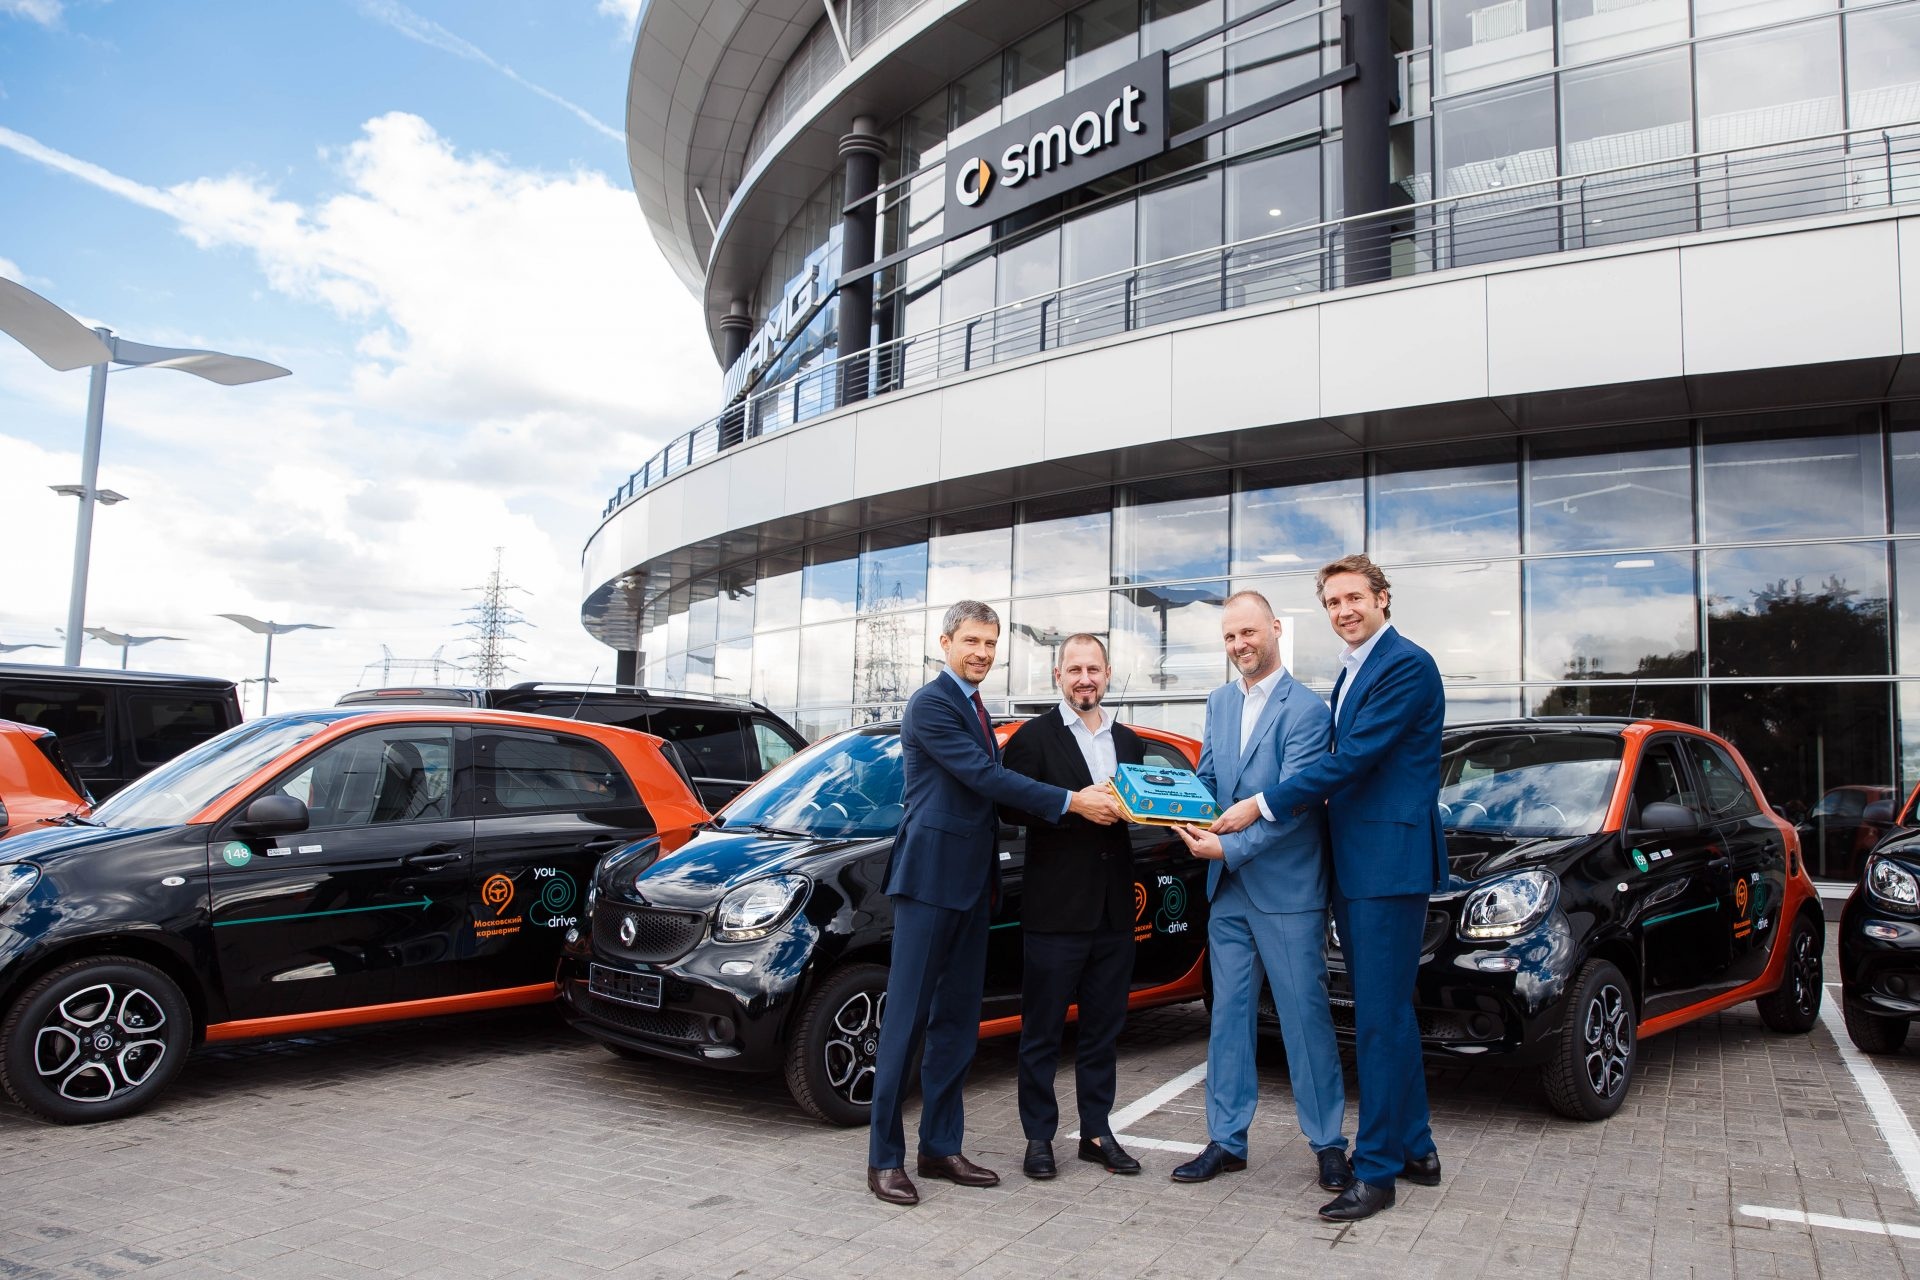 Панавто передал 300 автомобилей smart для московского каршеринга YouDrive